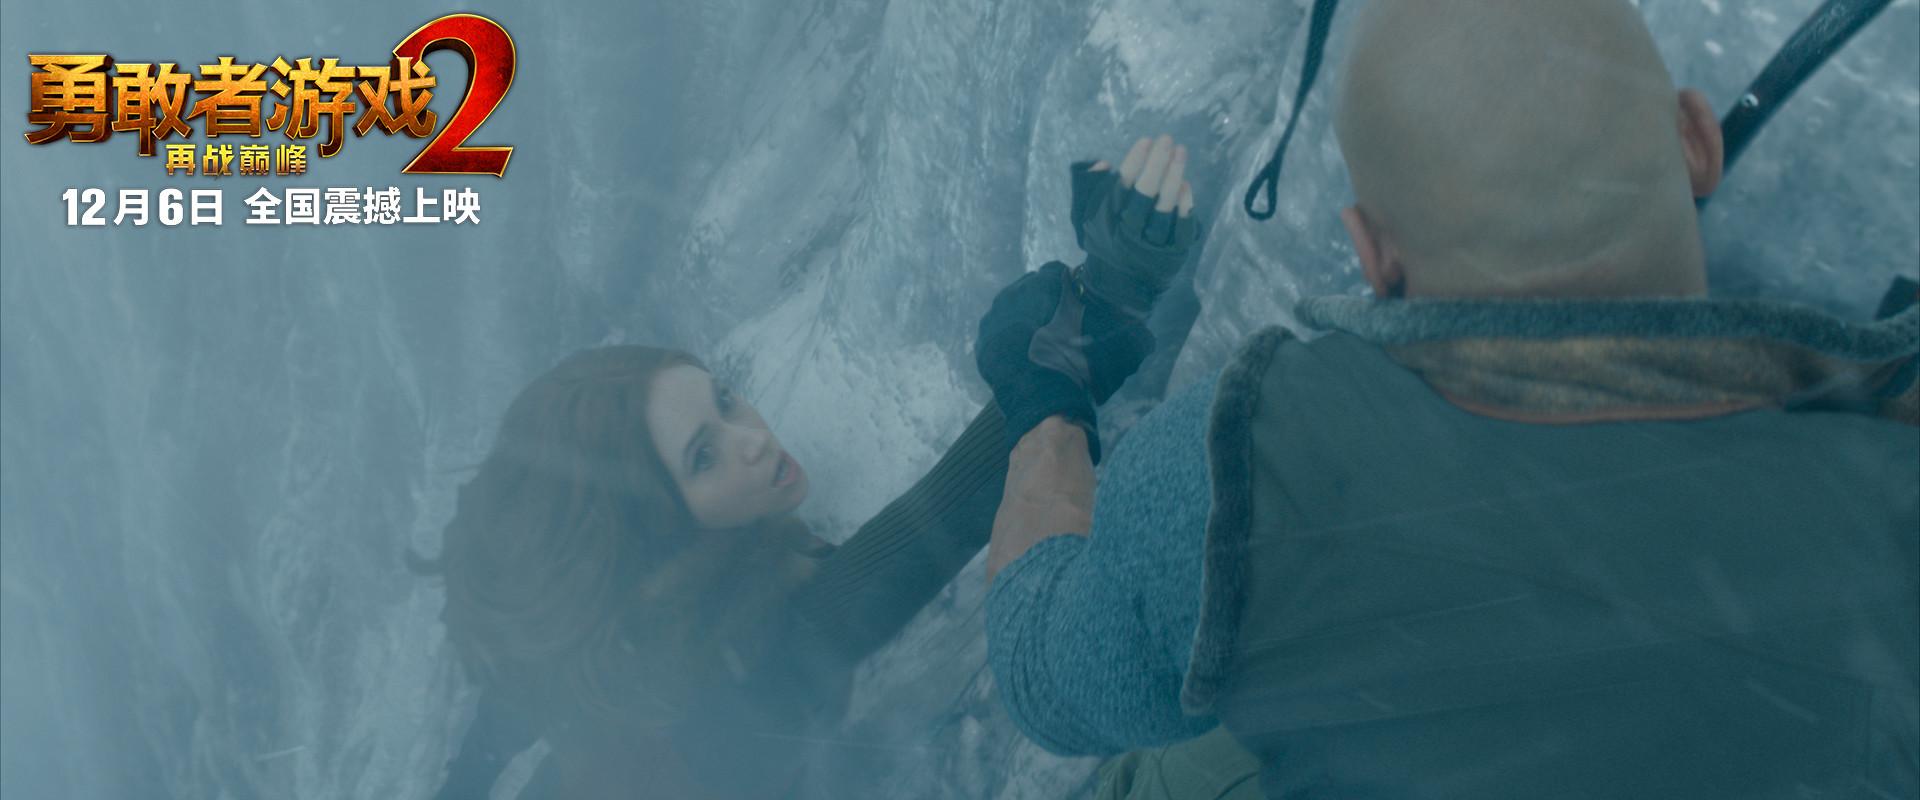 《勇敢者游戏2》12月6日上映!震撼奇观袭来强森搏命燃爆贺岁_北美